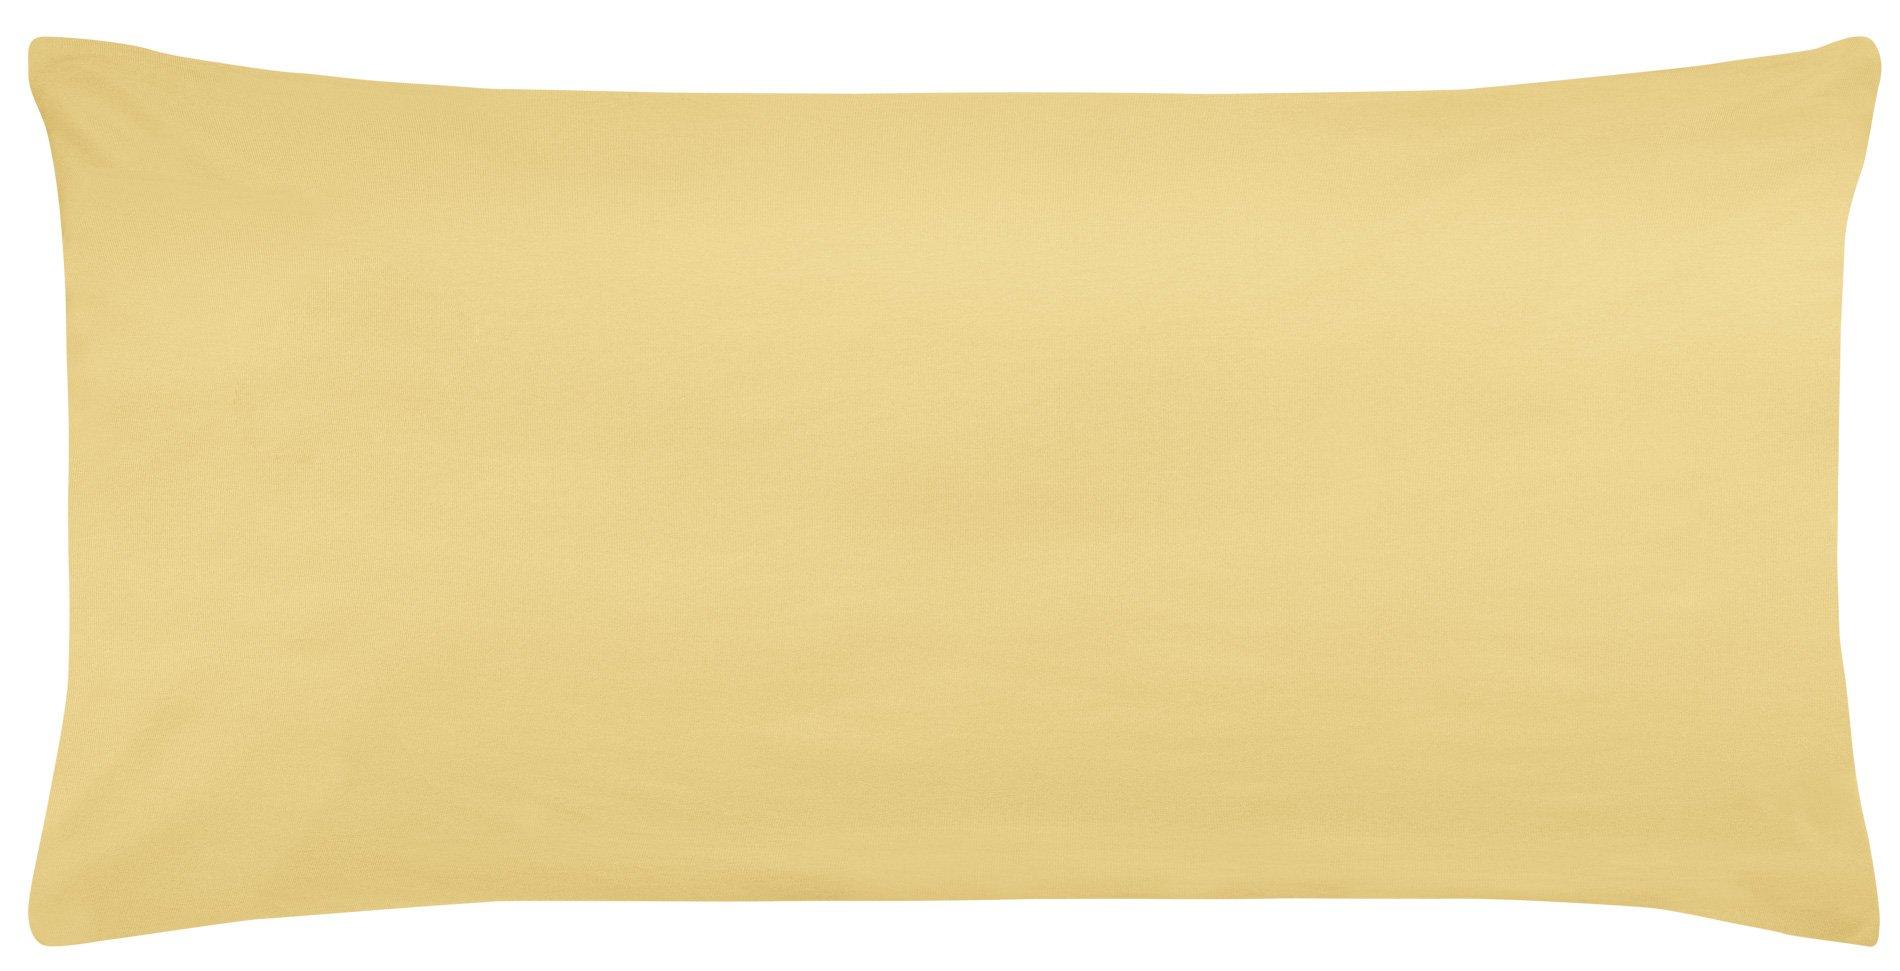 K.-Bezug gelb 40x80cm